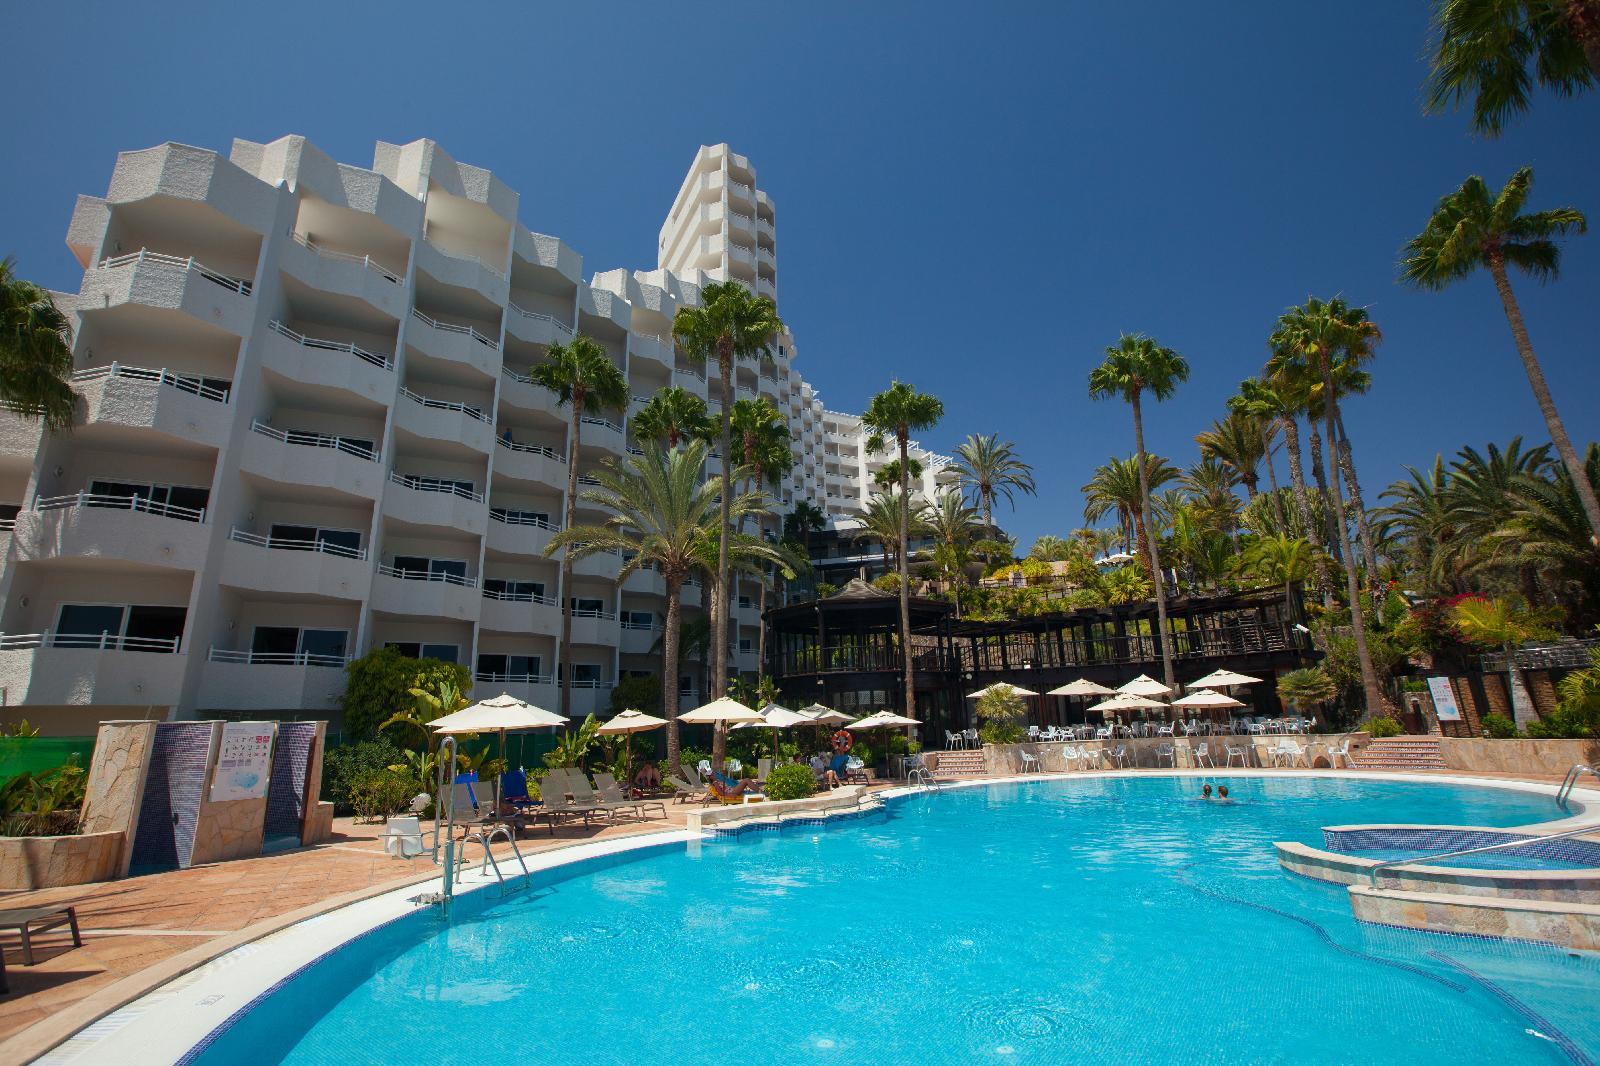 IFA Dunamar Hotel en Playa del Ingl s Gran Canaria